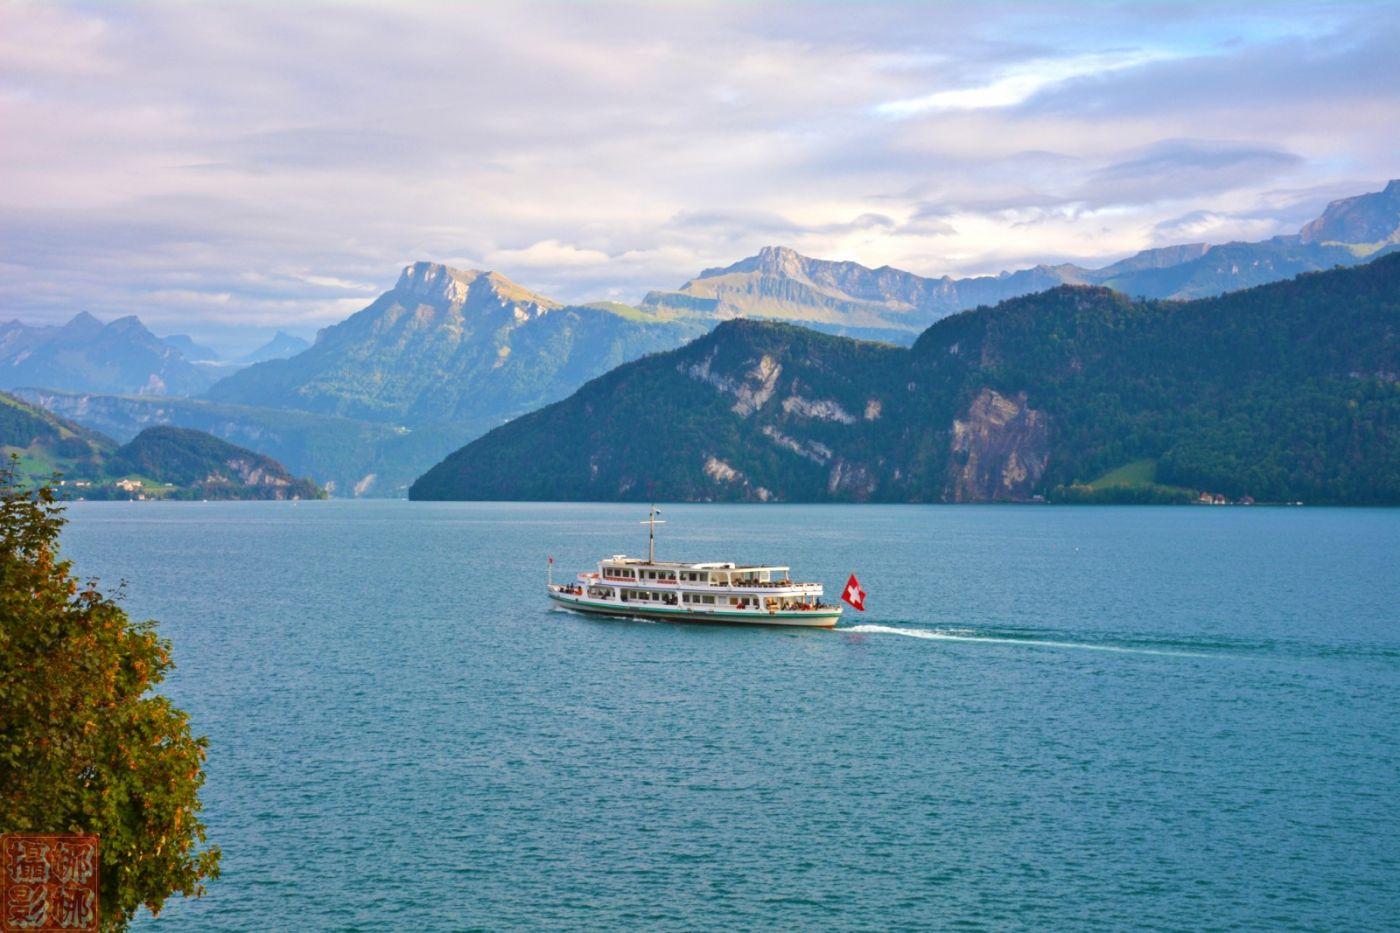 瑞士卢塞恩湖畔风光(二)_图1-2